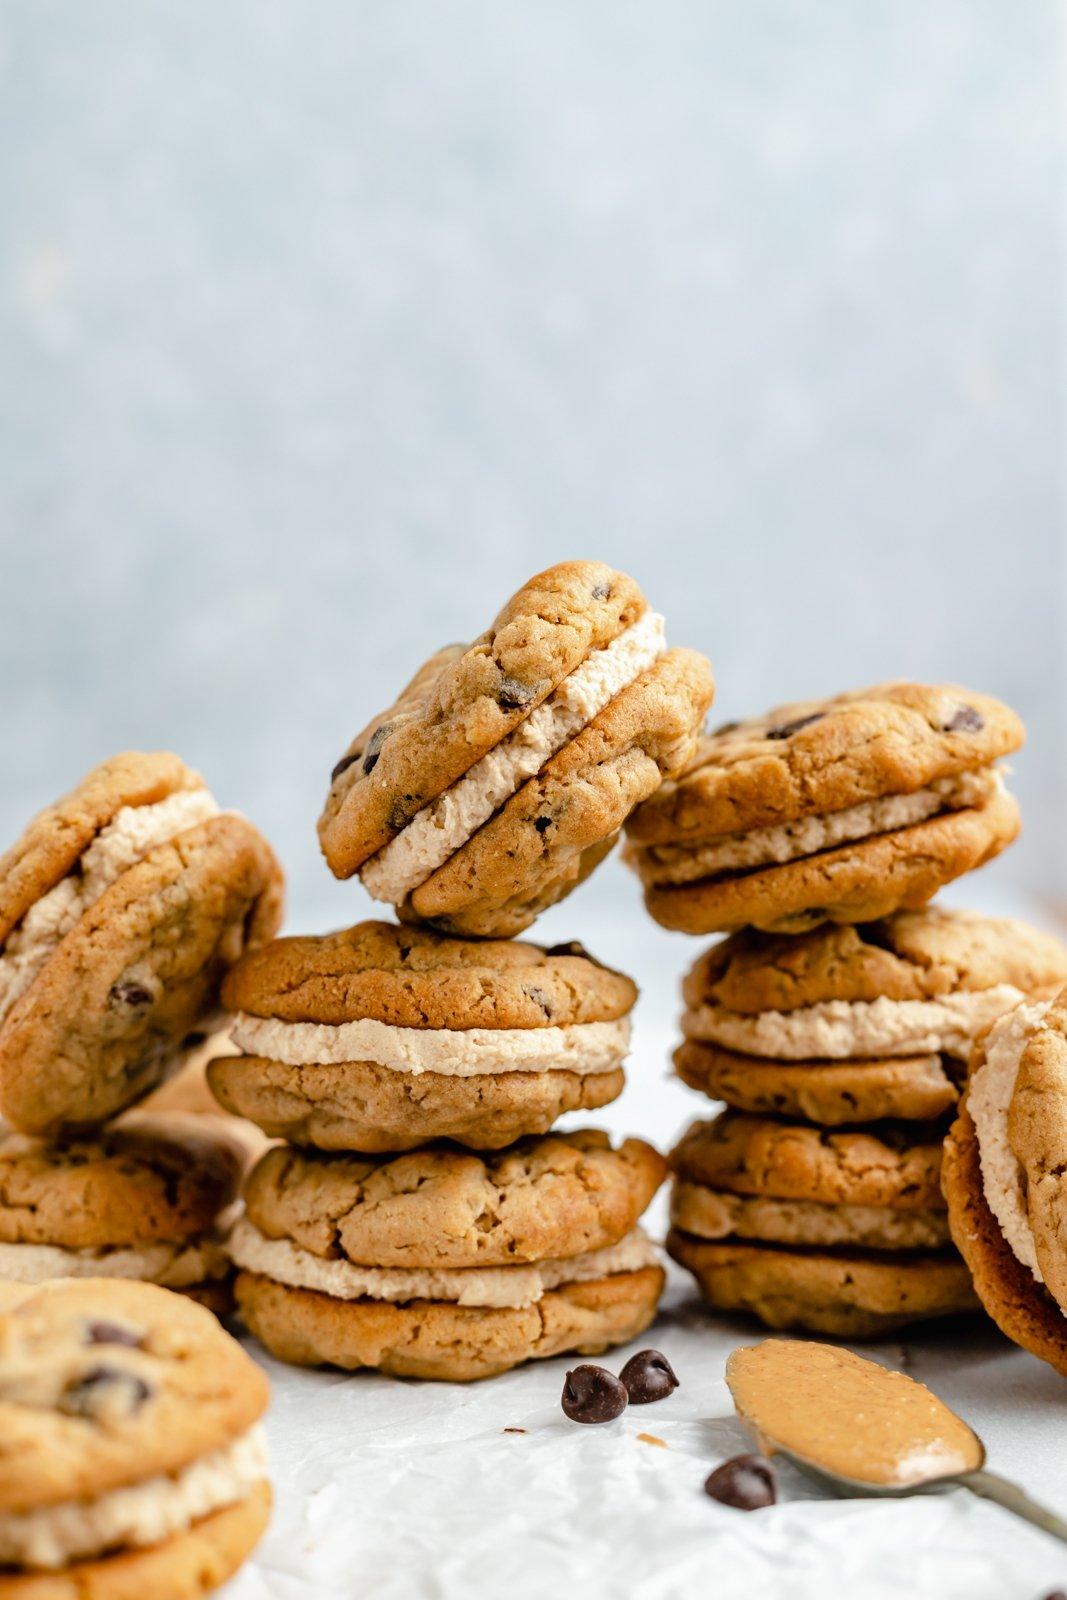 peanut butter sandwich cookies in stacks